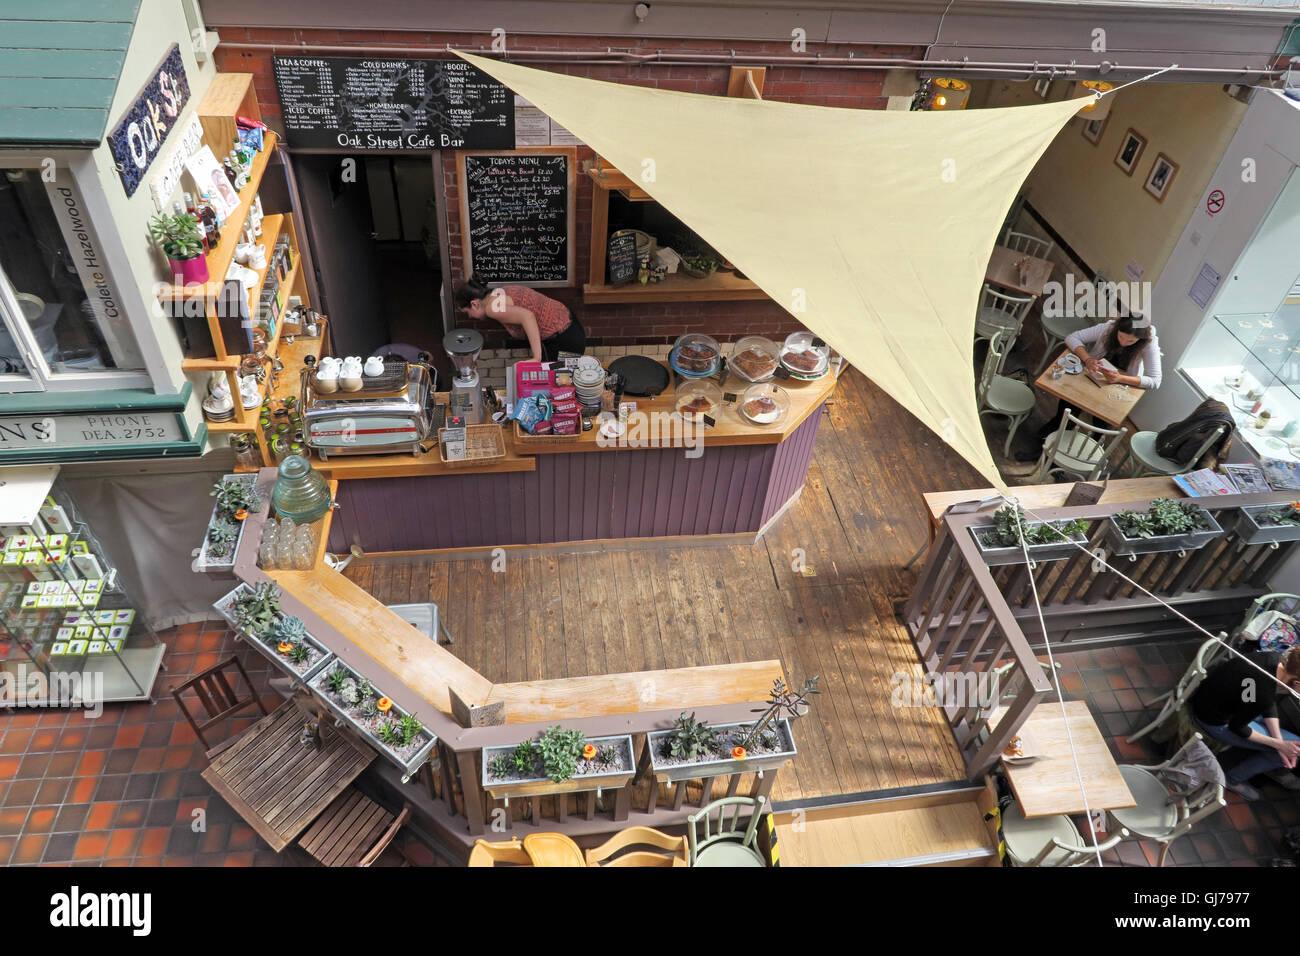 Laden Sie dieses Alamy Stockfoto Cafe an der Manchester Handwerk und Design Center, 17 Oak Street, Manchester, M4 5JD - GJ7977